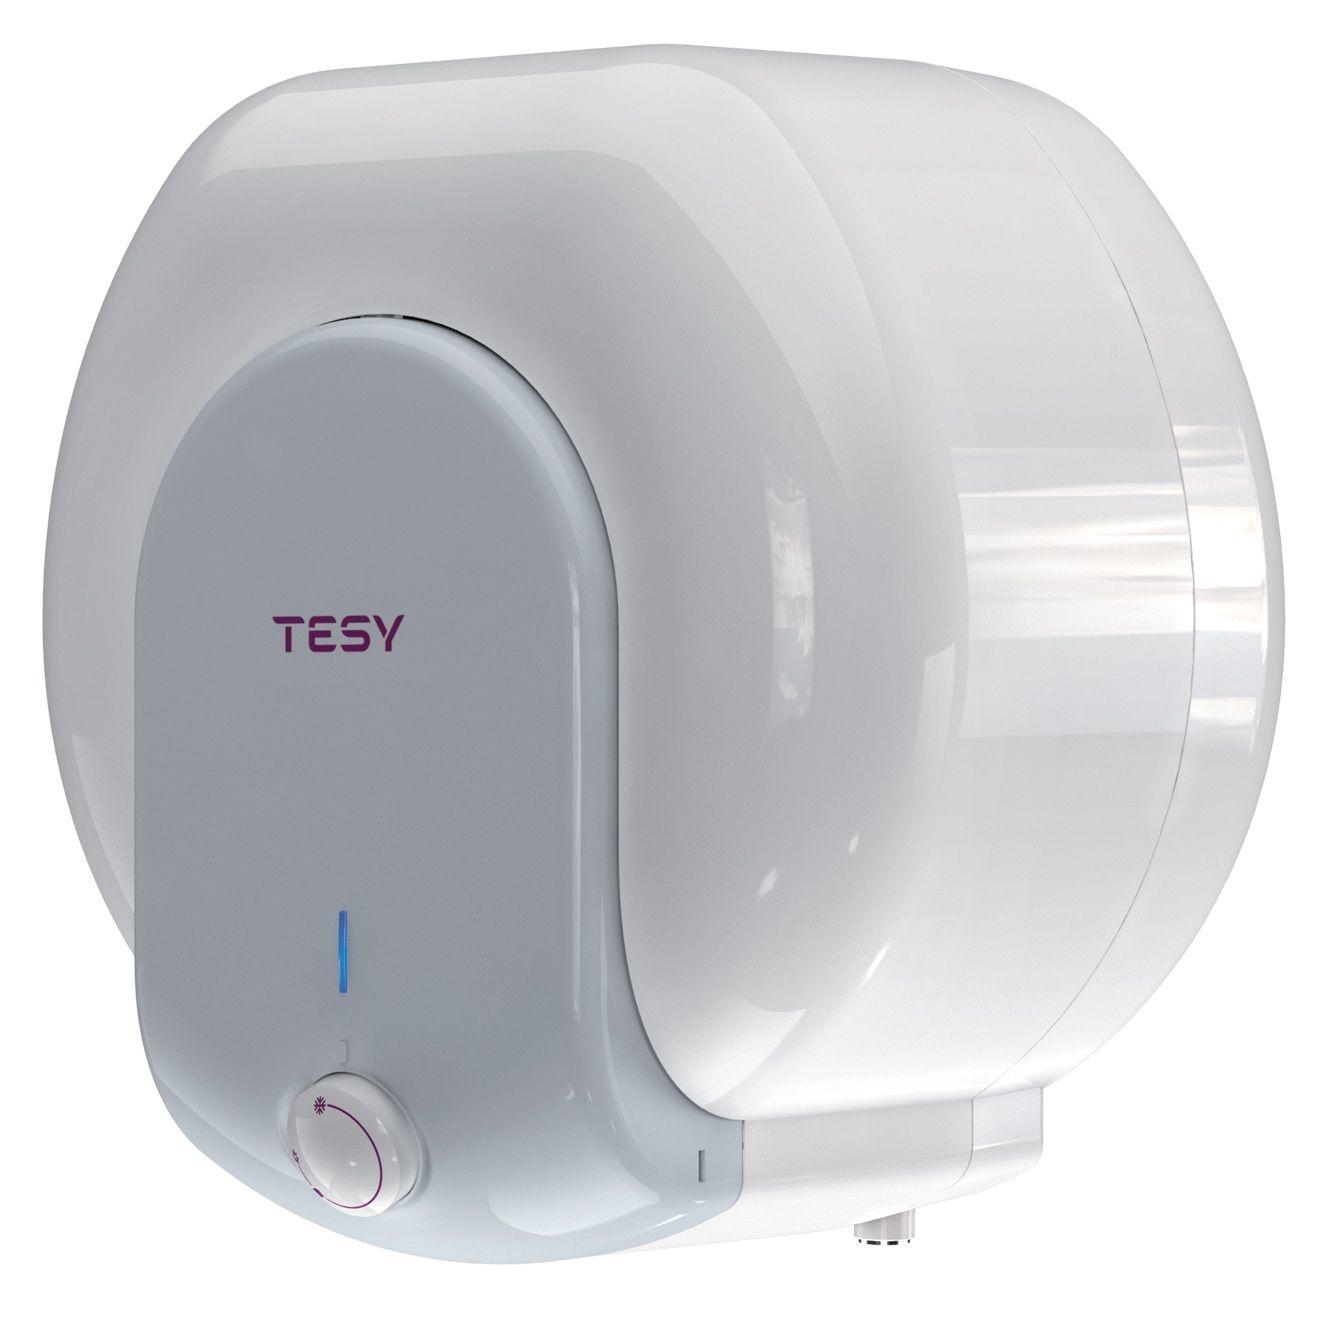 Boiler electric Tesy Compact Line GCA 1515 L52RC, 1500 W, 15 l, 0.9 Mpa, Termostat reglabil, Montare deasupra chiuvetei, Alb imagine fornello.ro